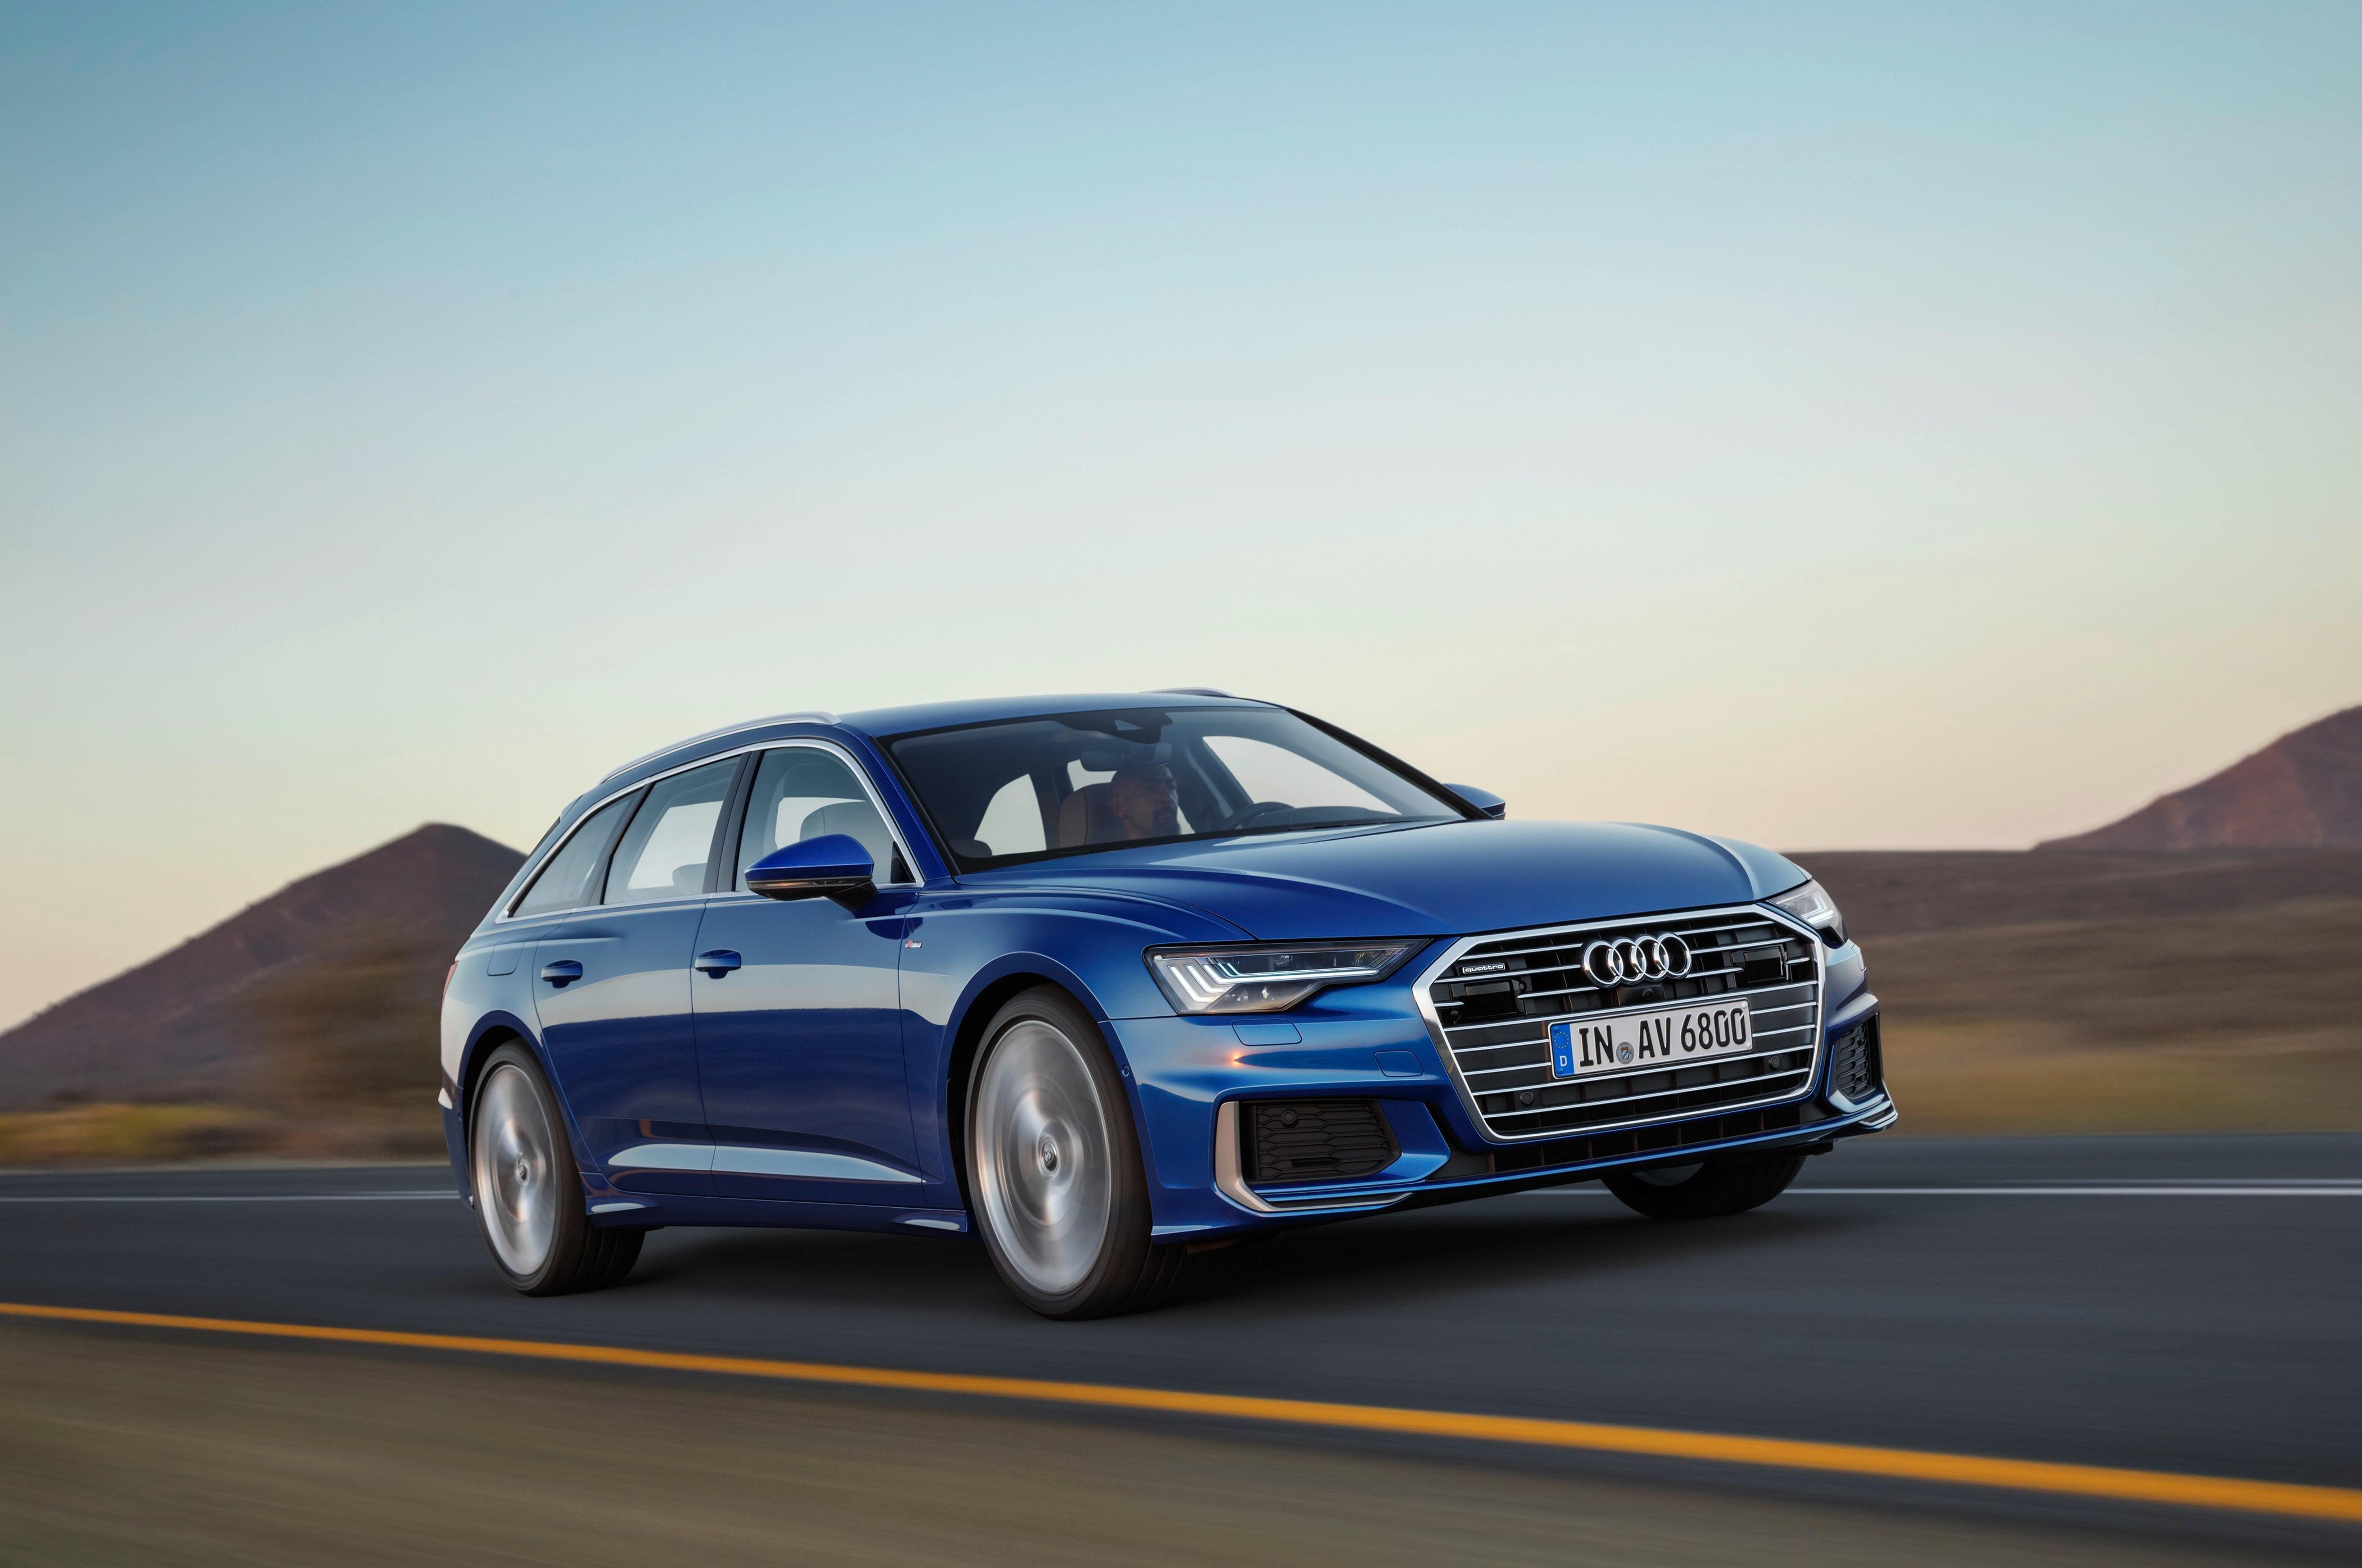 Audi A6 Avant Front Three Quarters